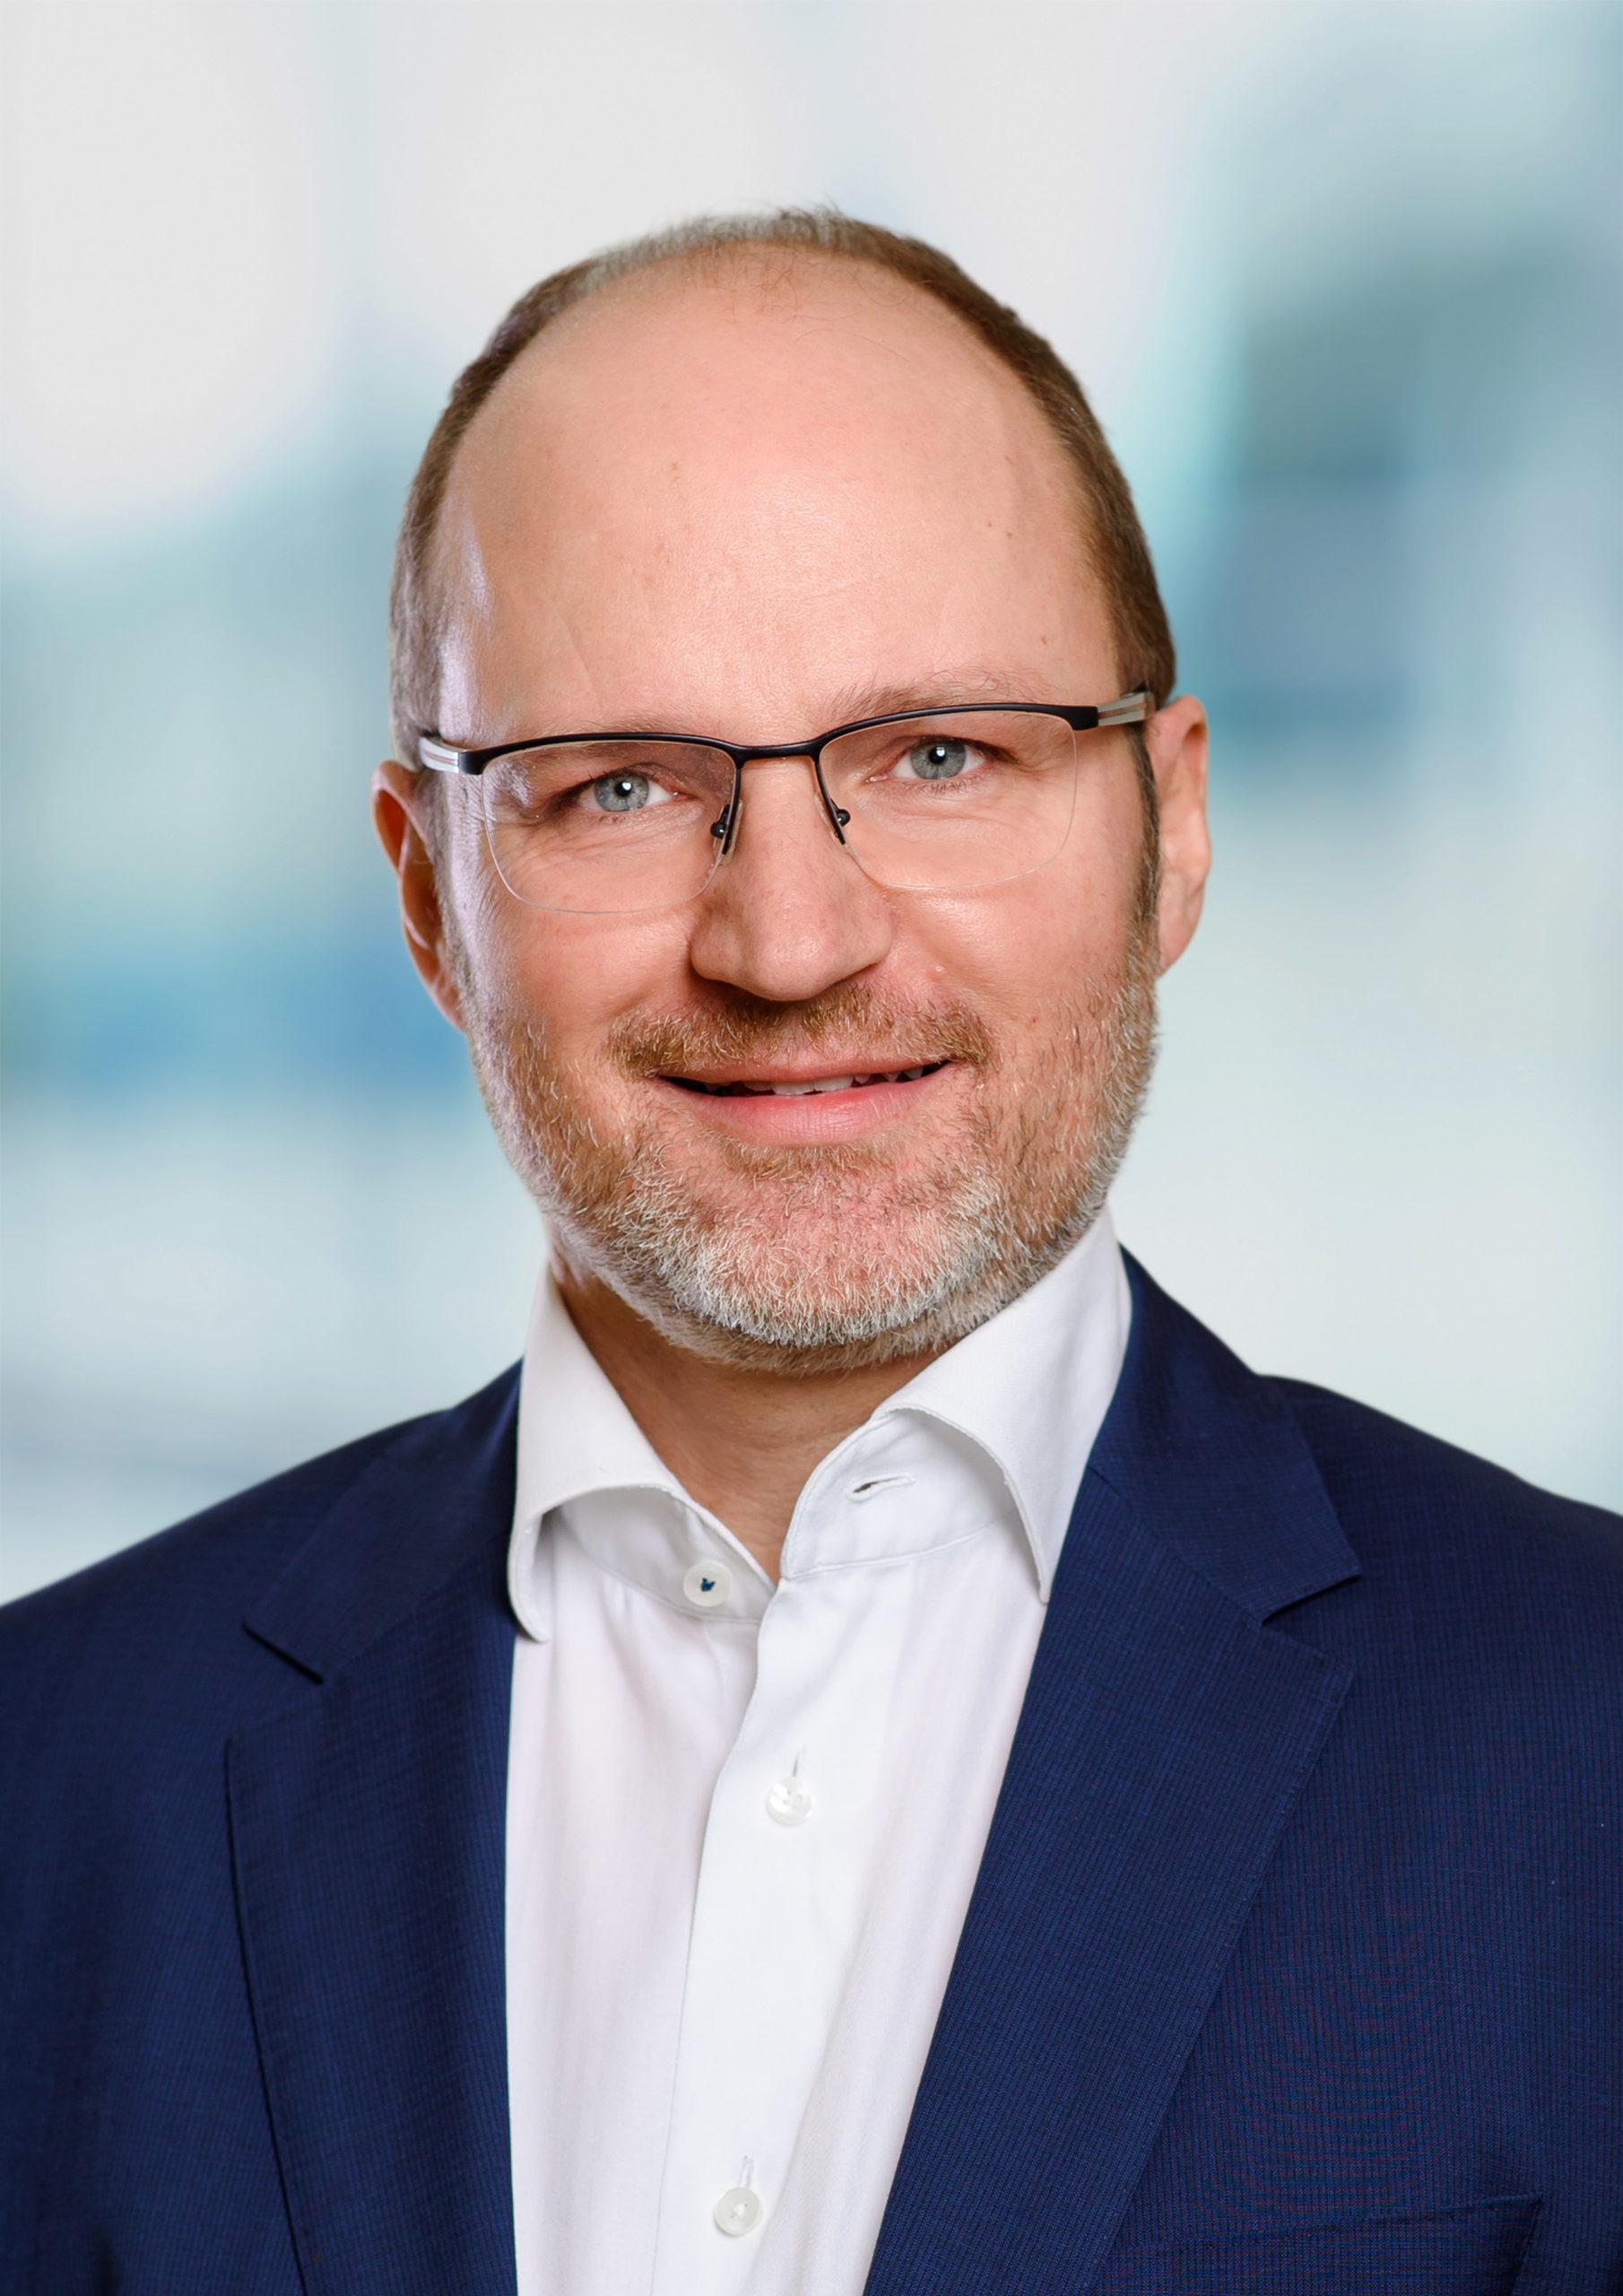 Dr. Florian Forster